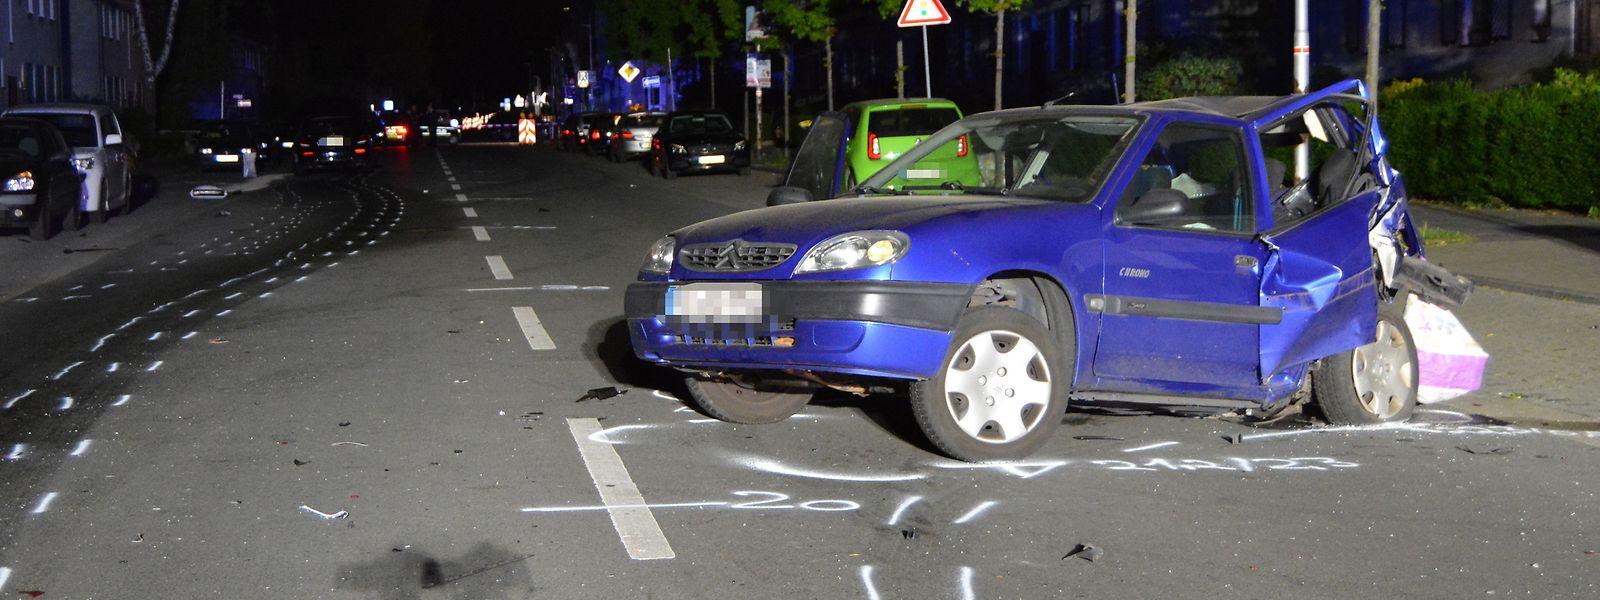 Eine 43-jährige unbeteiligte Autofahrerin ist nach einem mutmaßlich illegalen Autorennen in Moers verstorben.